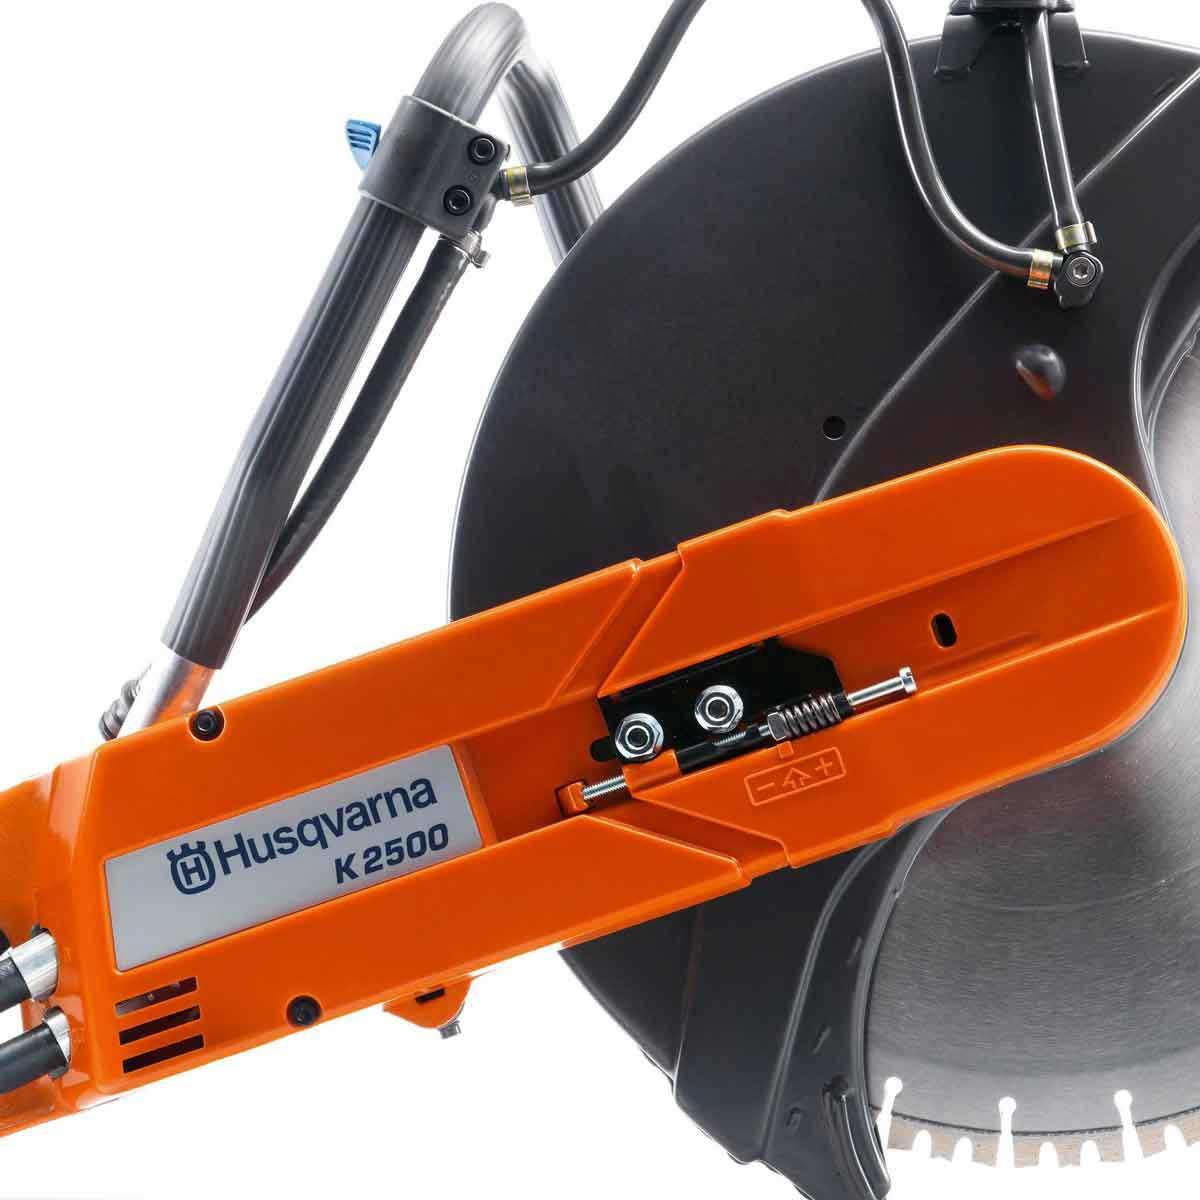 968365401 Hydraulic demo saw